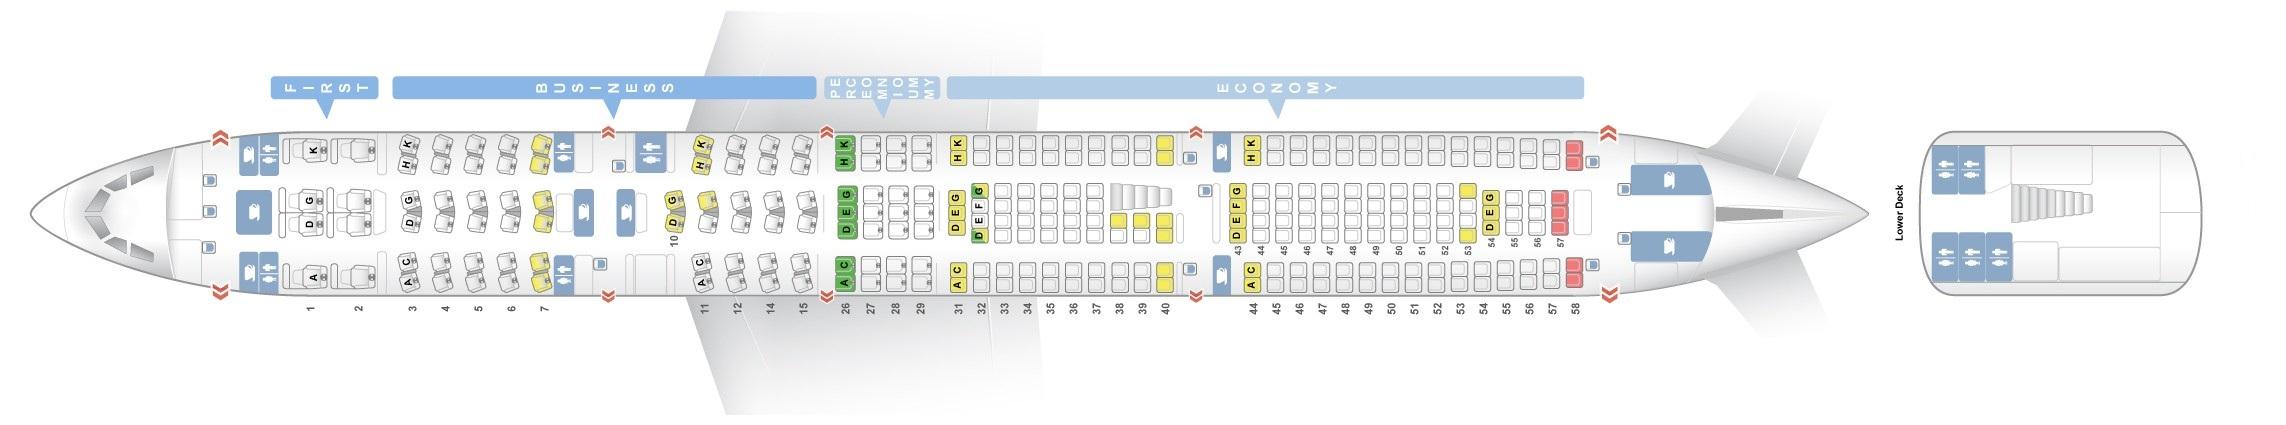 Lufthansa_Airbus_A340-600_2